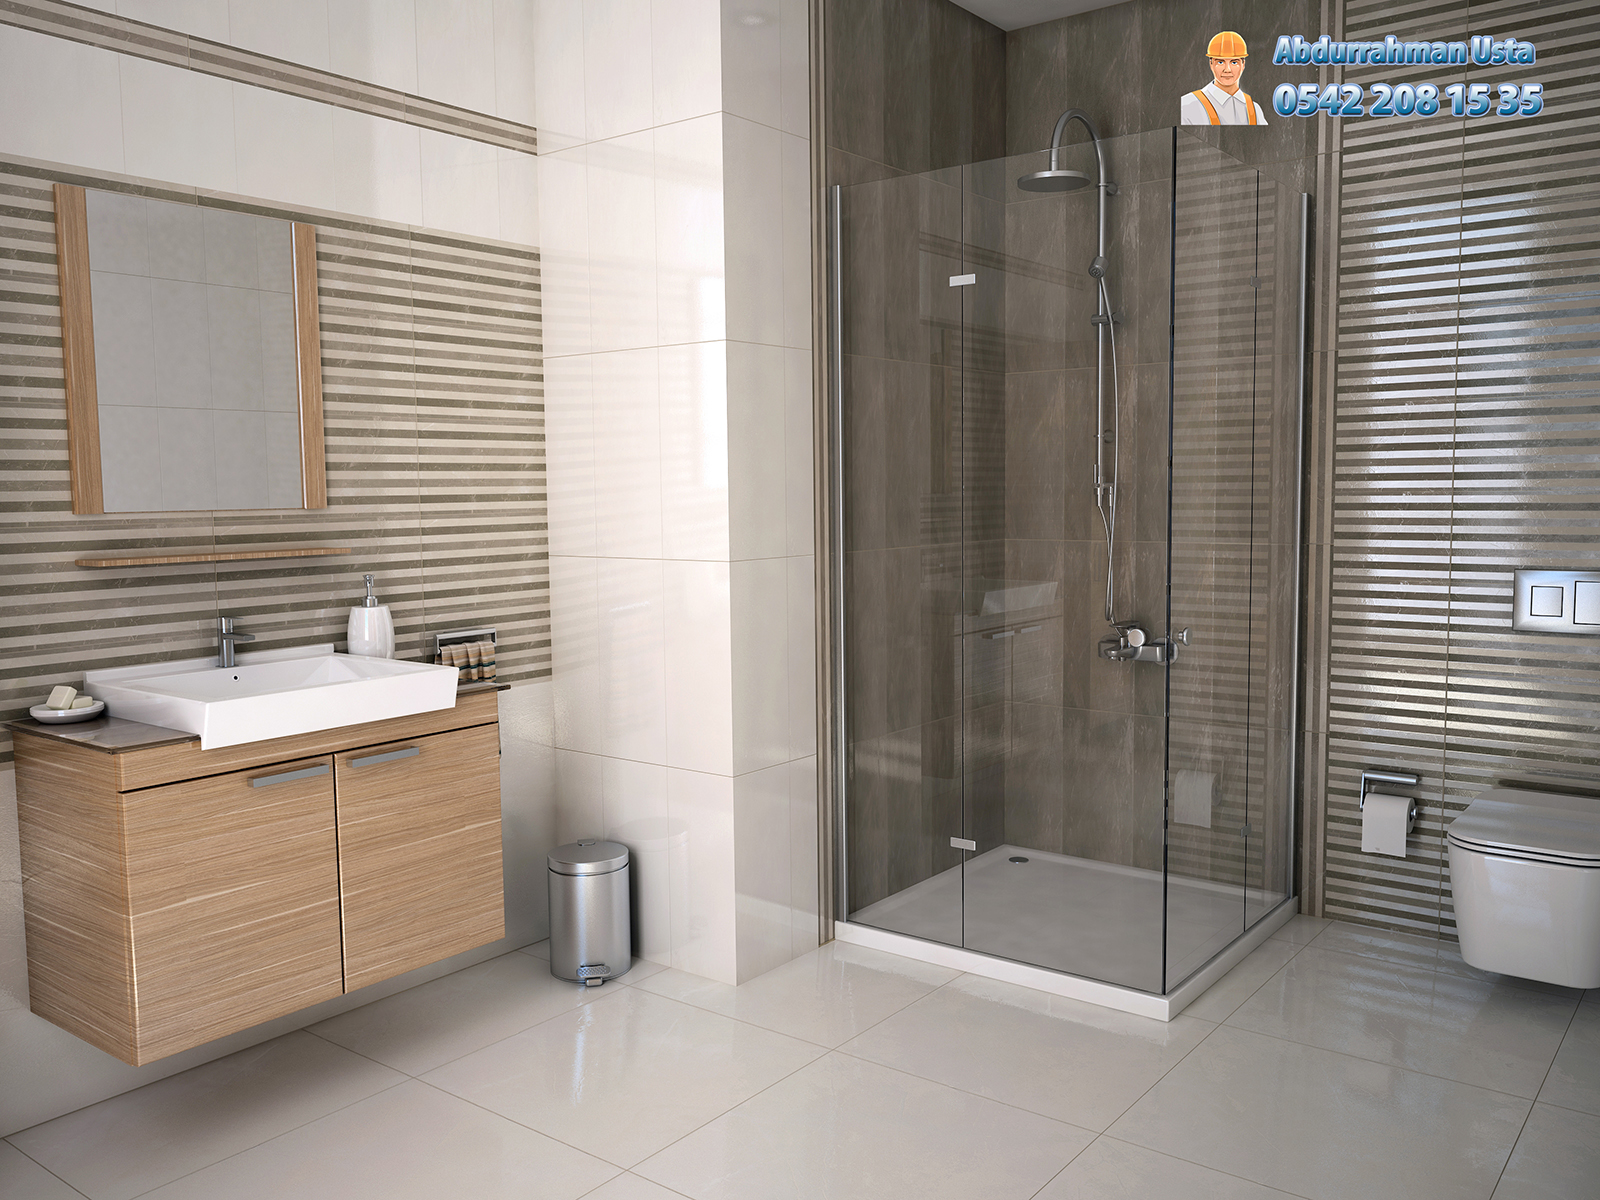 bursa gürsu banyo tamirat ve tadilat ustası